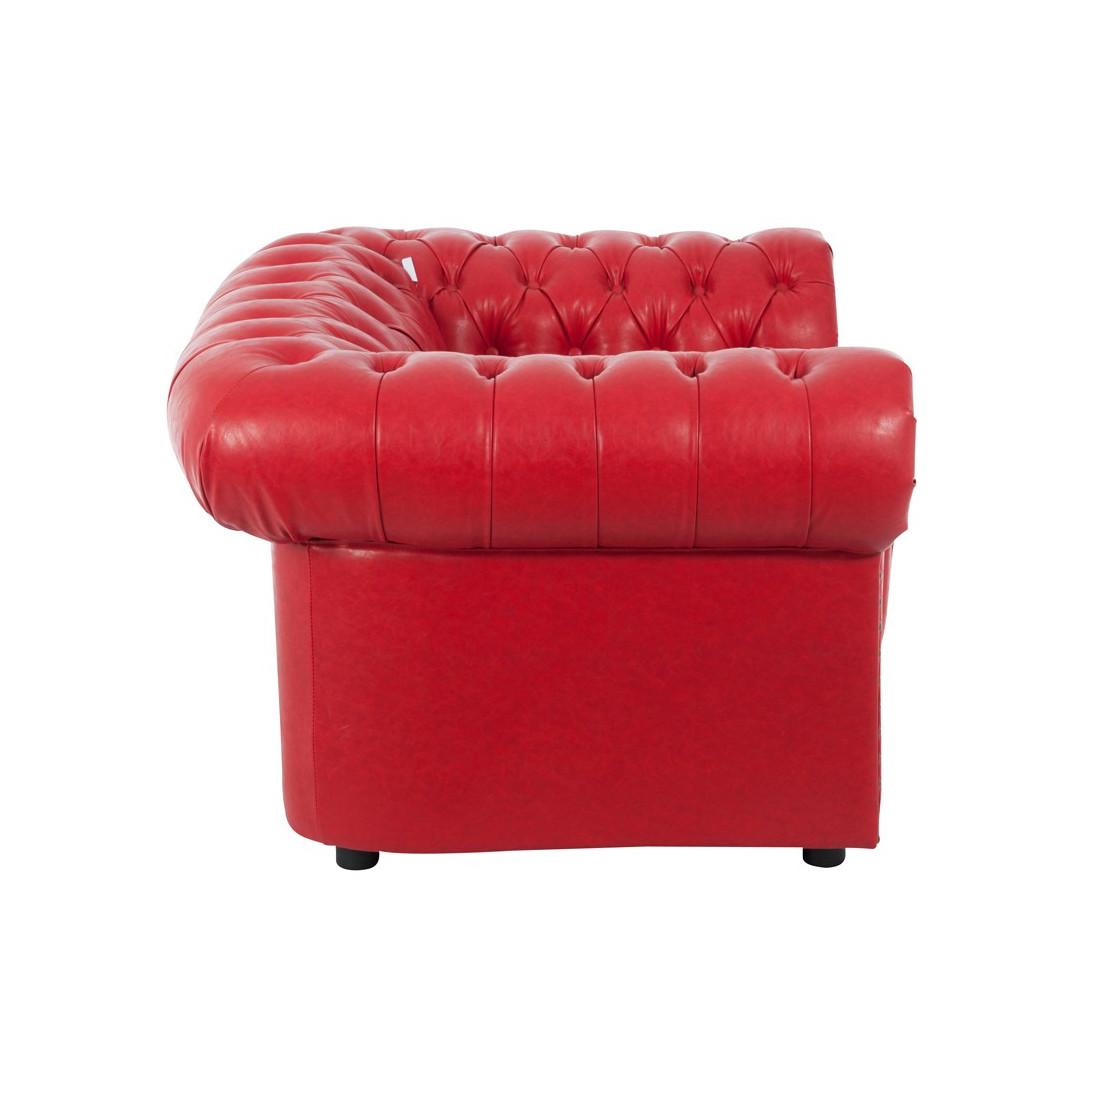 Fauteuil chesterfield buick univers salon et assises tousmesmeubles - Fauteuil chesterfield rouge ...